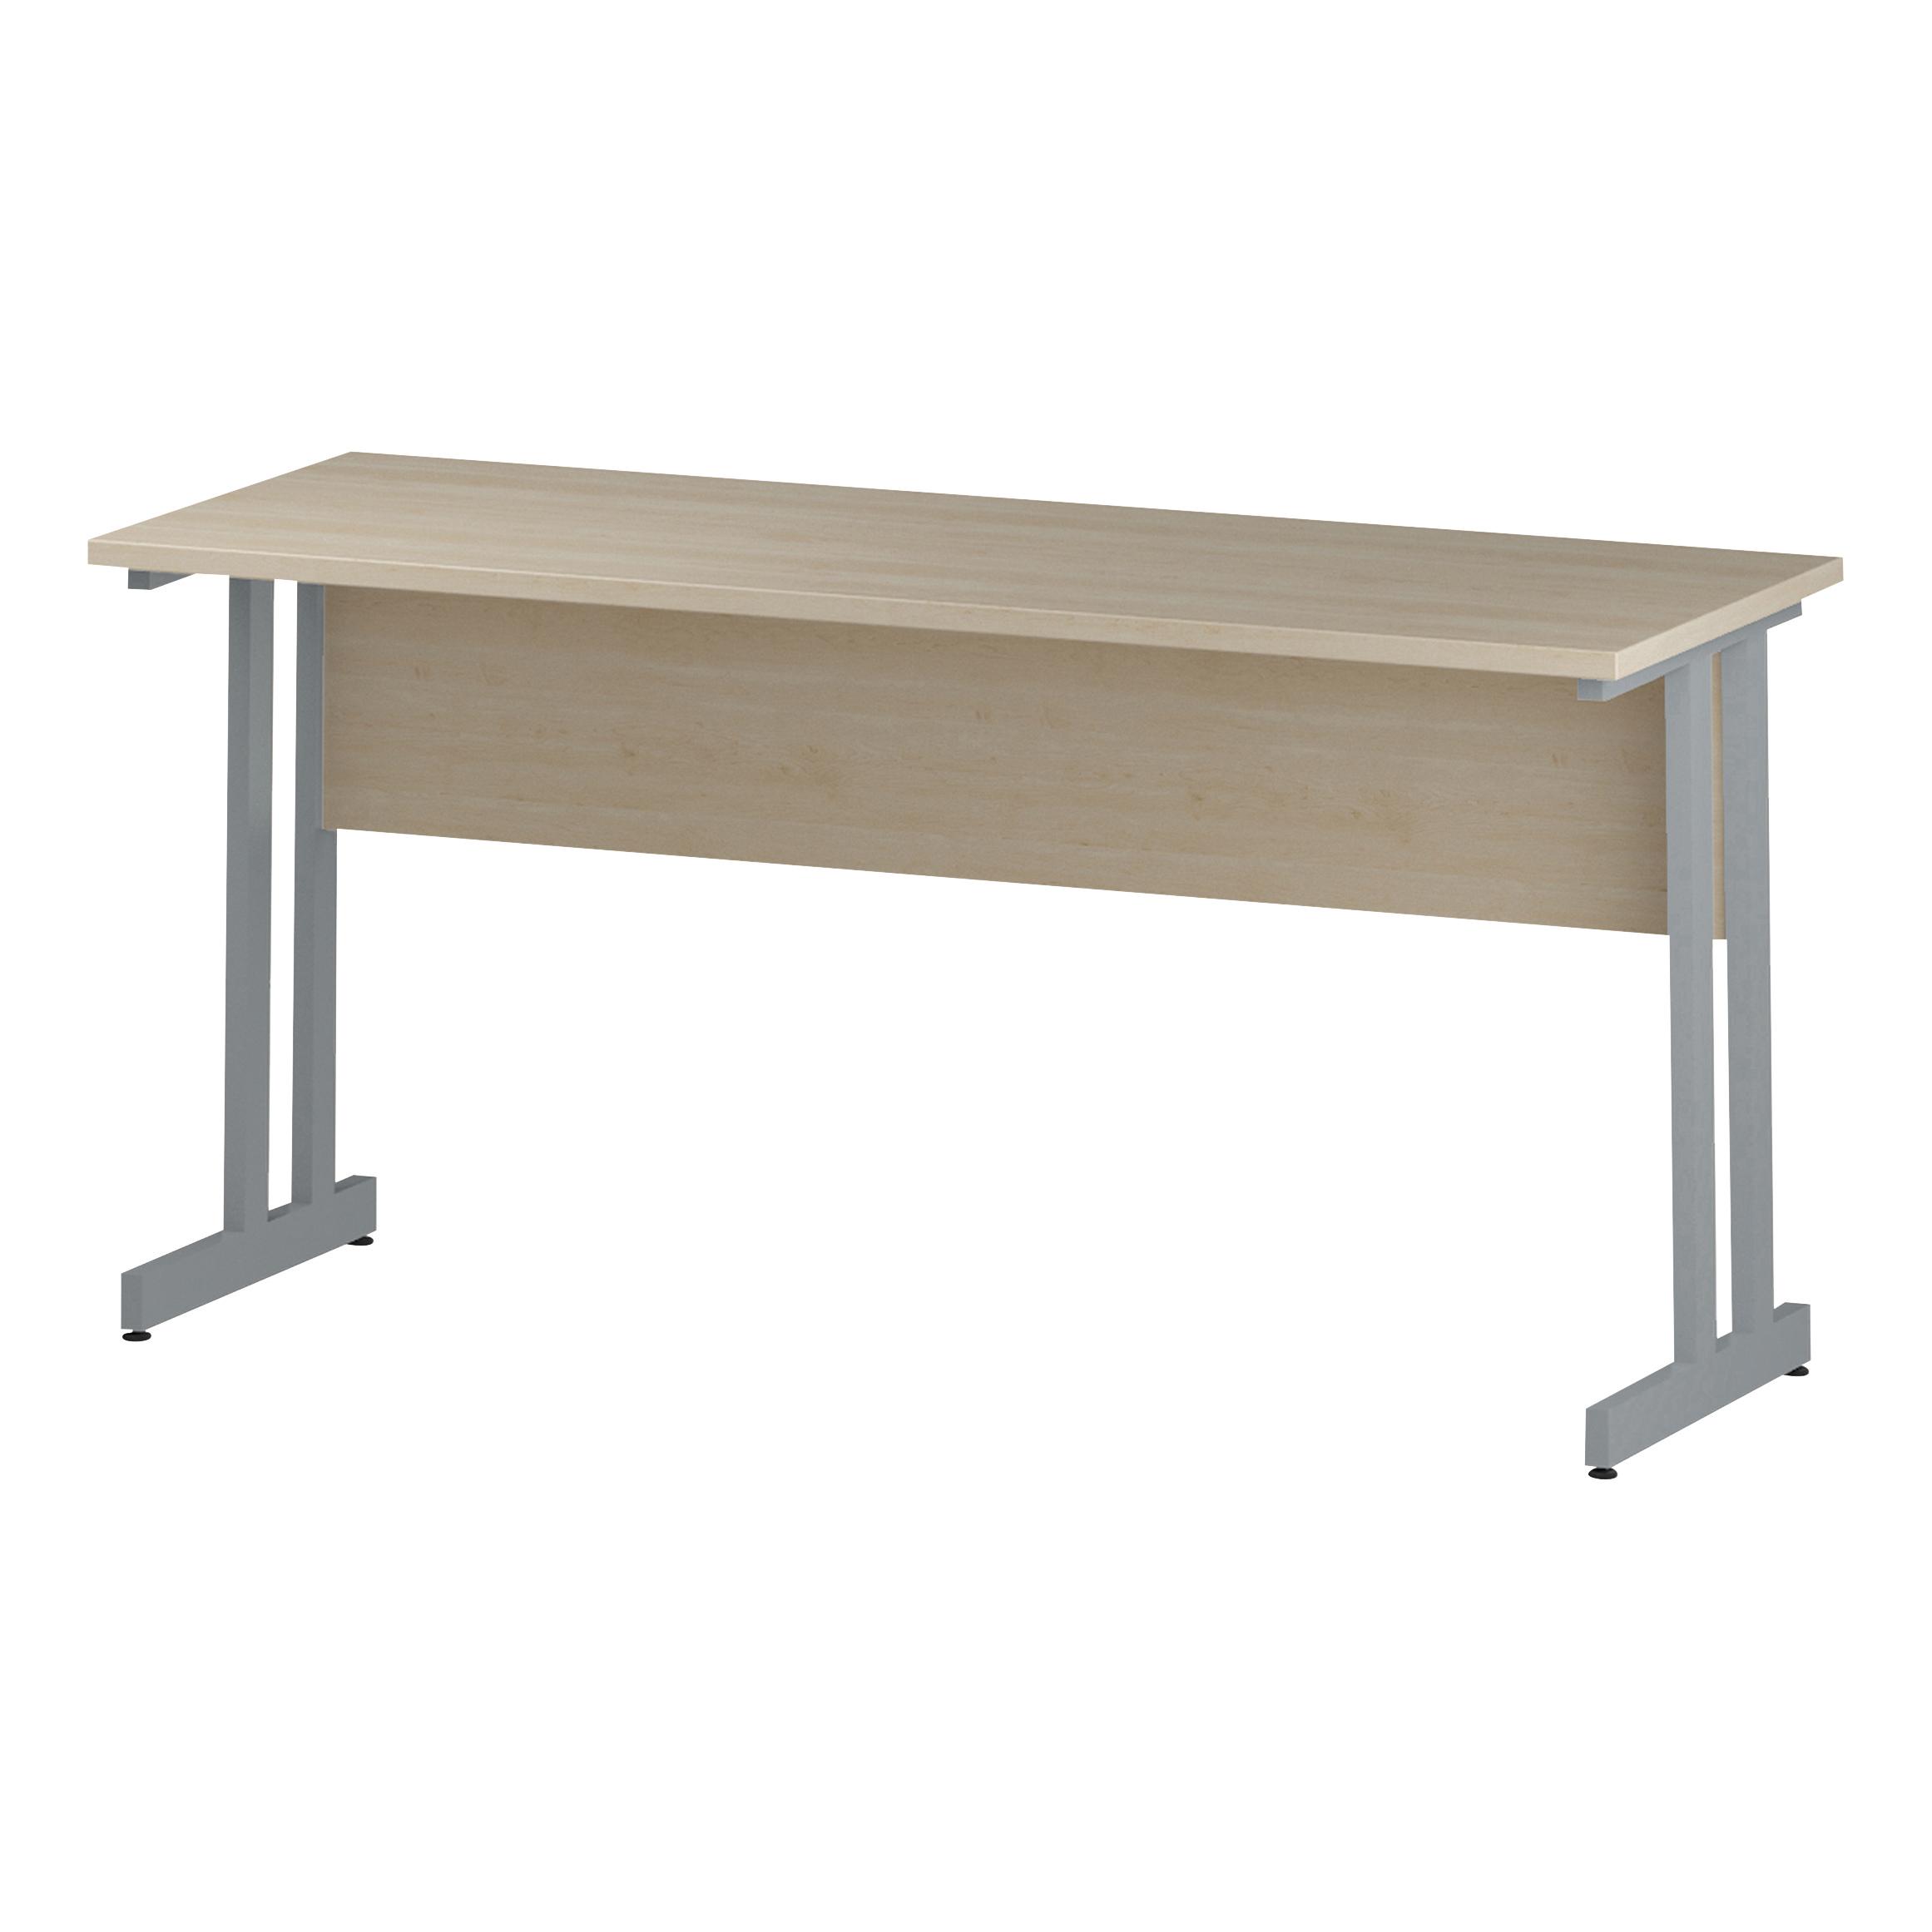 Image for Trexus Rectangular Slim Desk Silver Cantilever Leg 1600x600mm Maple Ref I002424